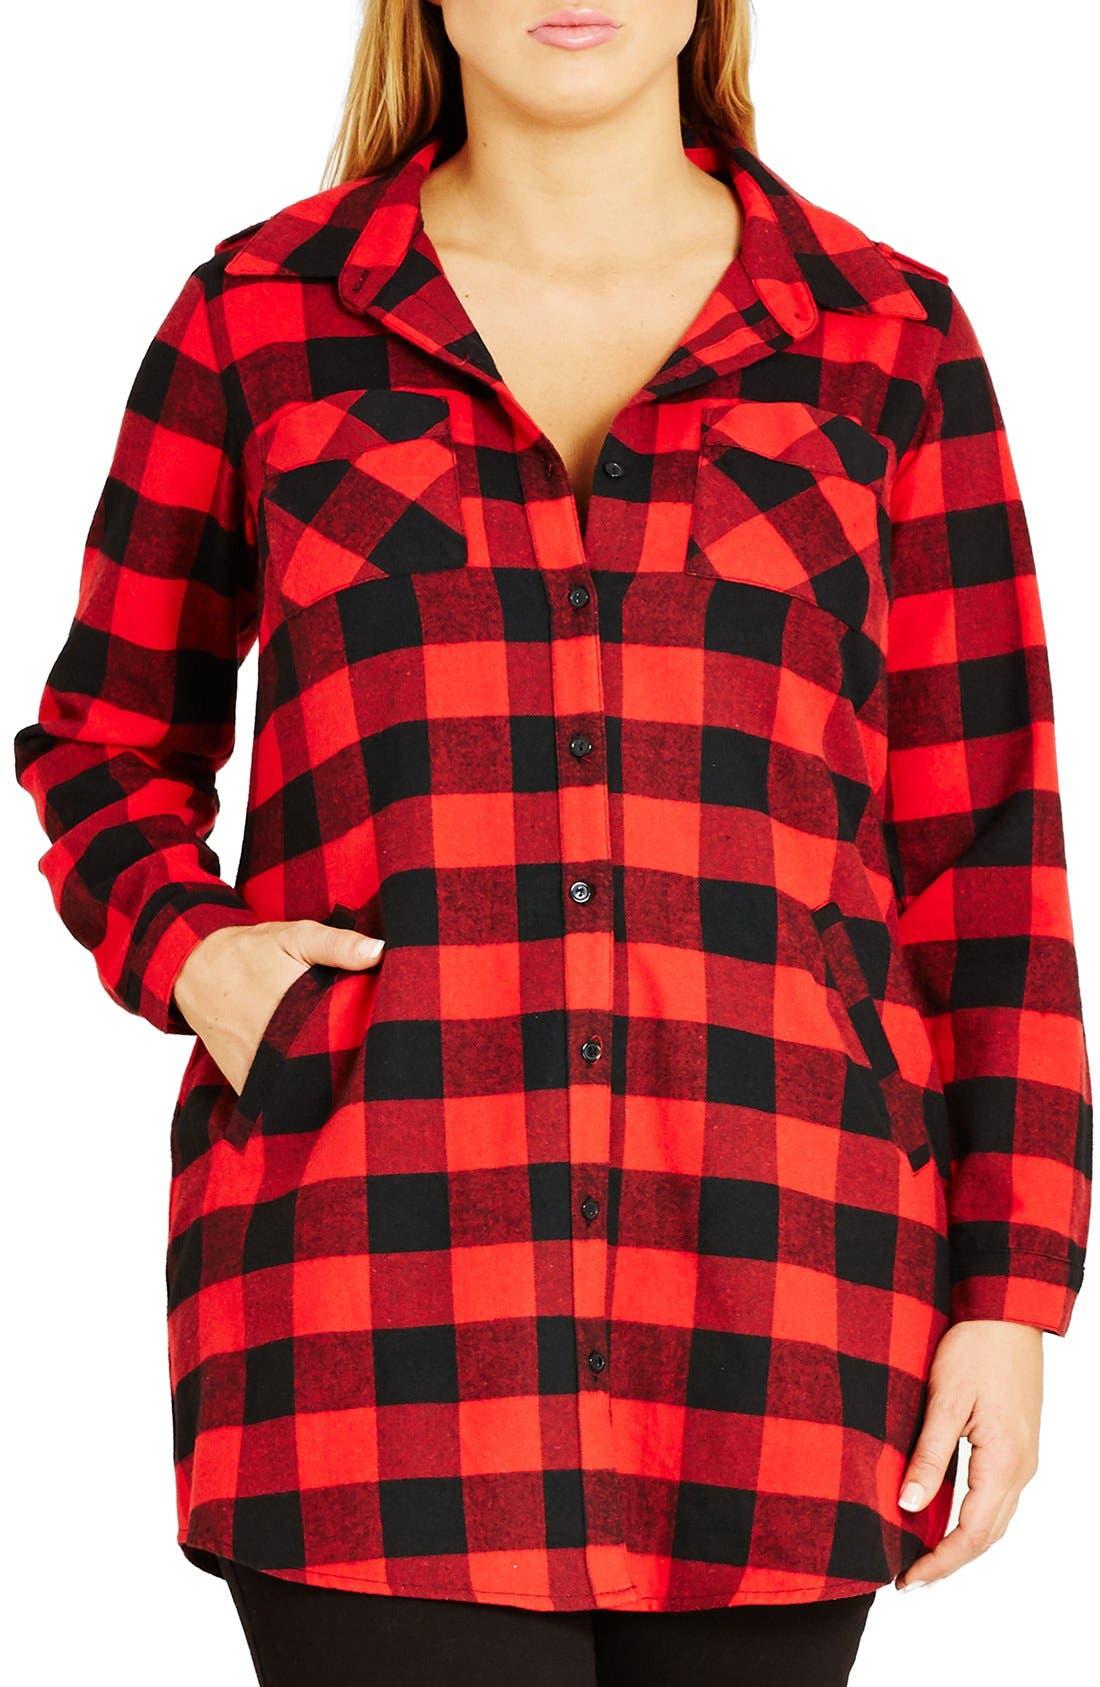 Main Image - City Chic Plaid Boyfriend Shirt (Plus Size)